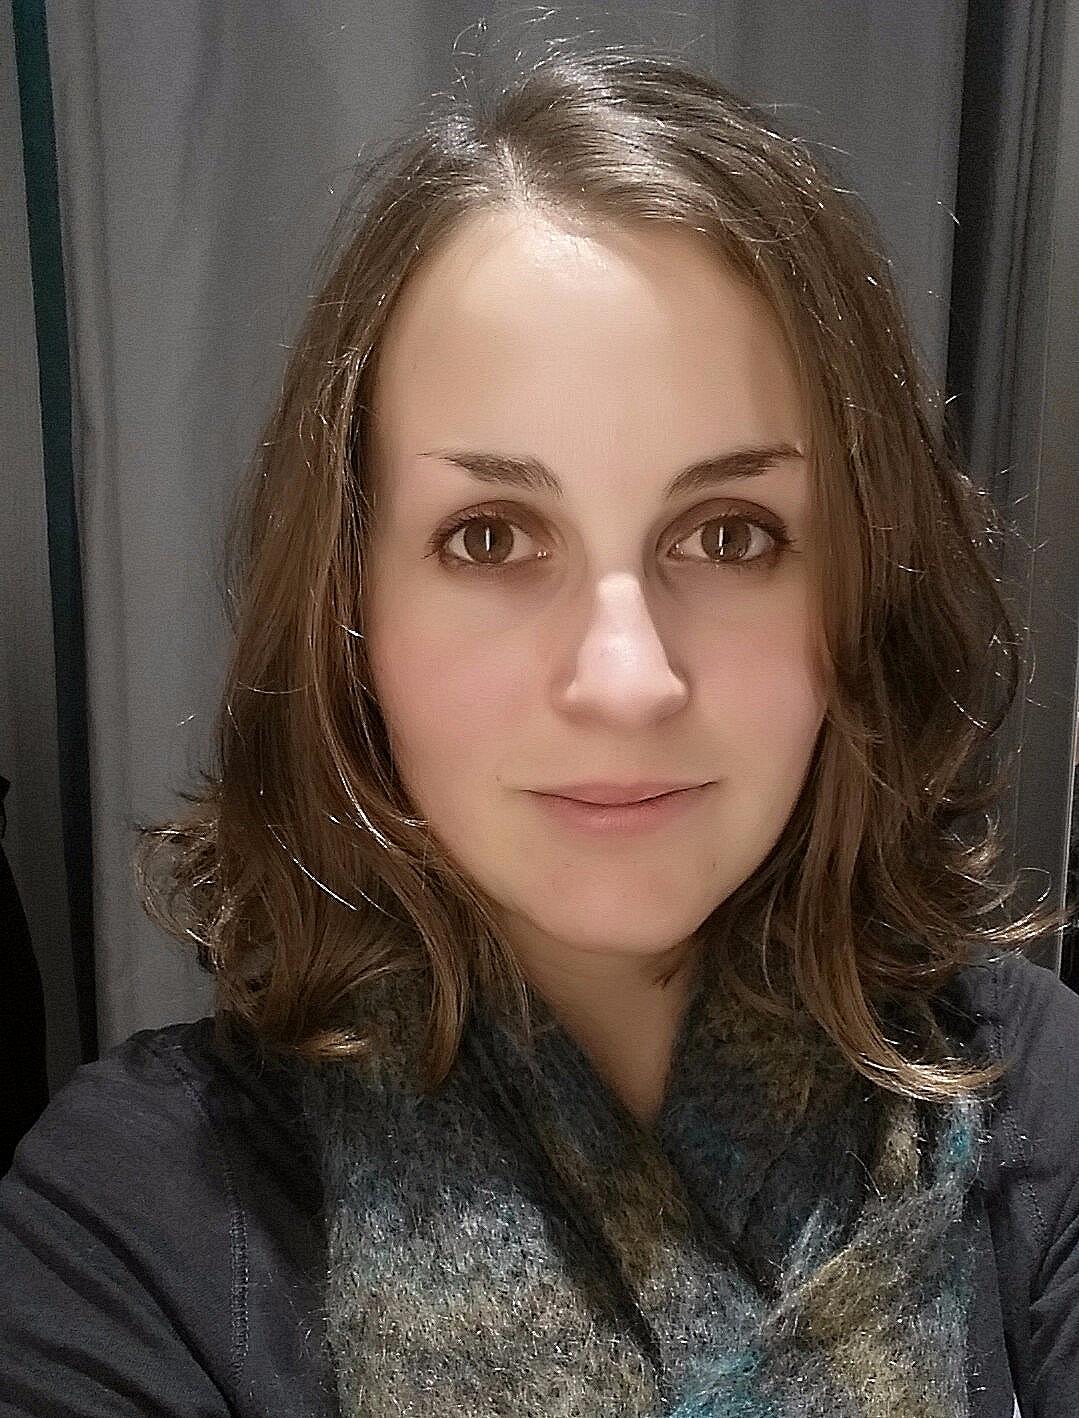 Miss Emilie Tutor